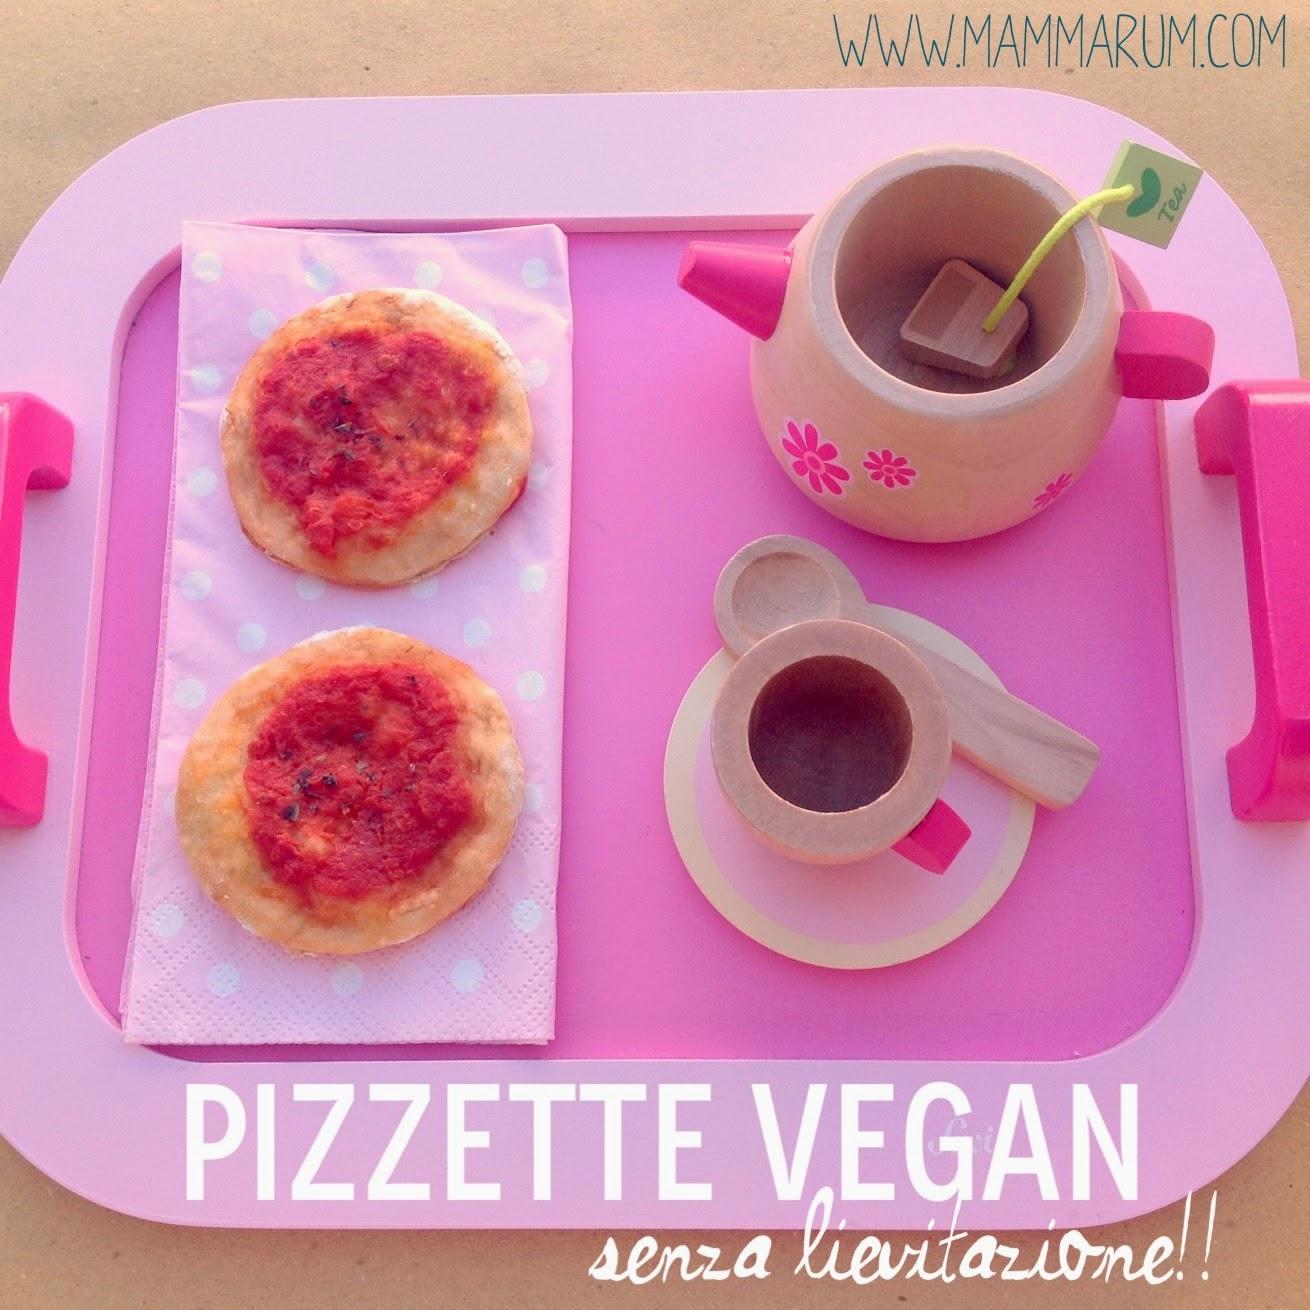 Pizzette vegane senza lievitazione per la merenda dei bambini